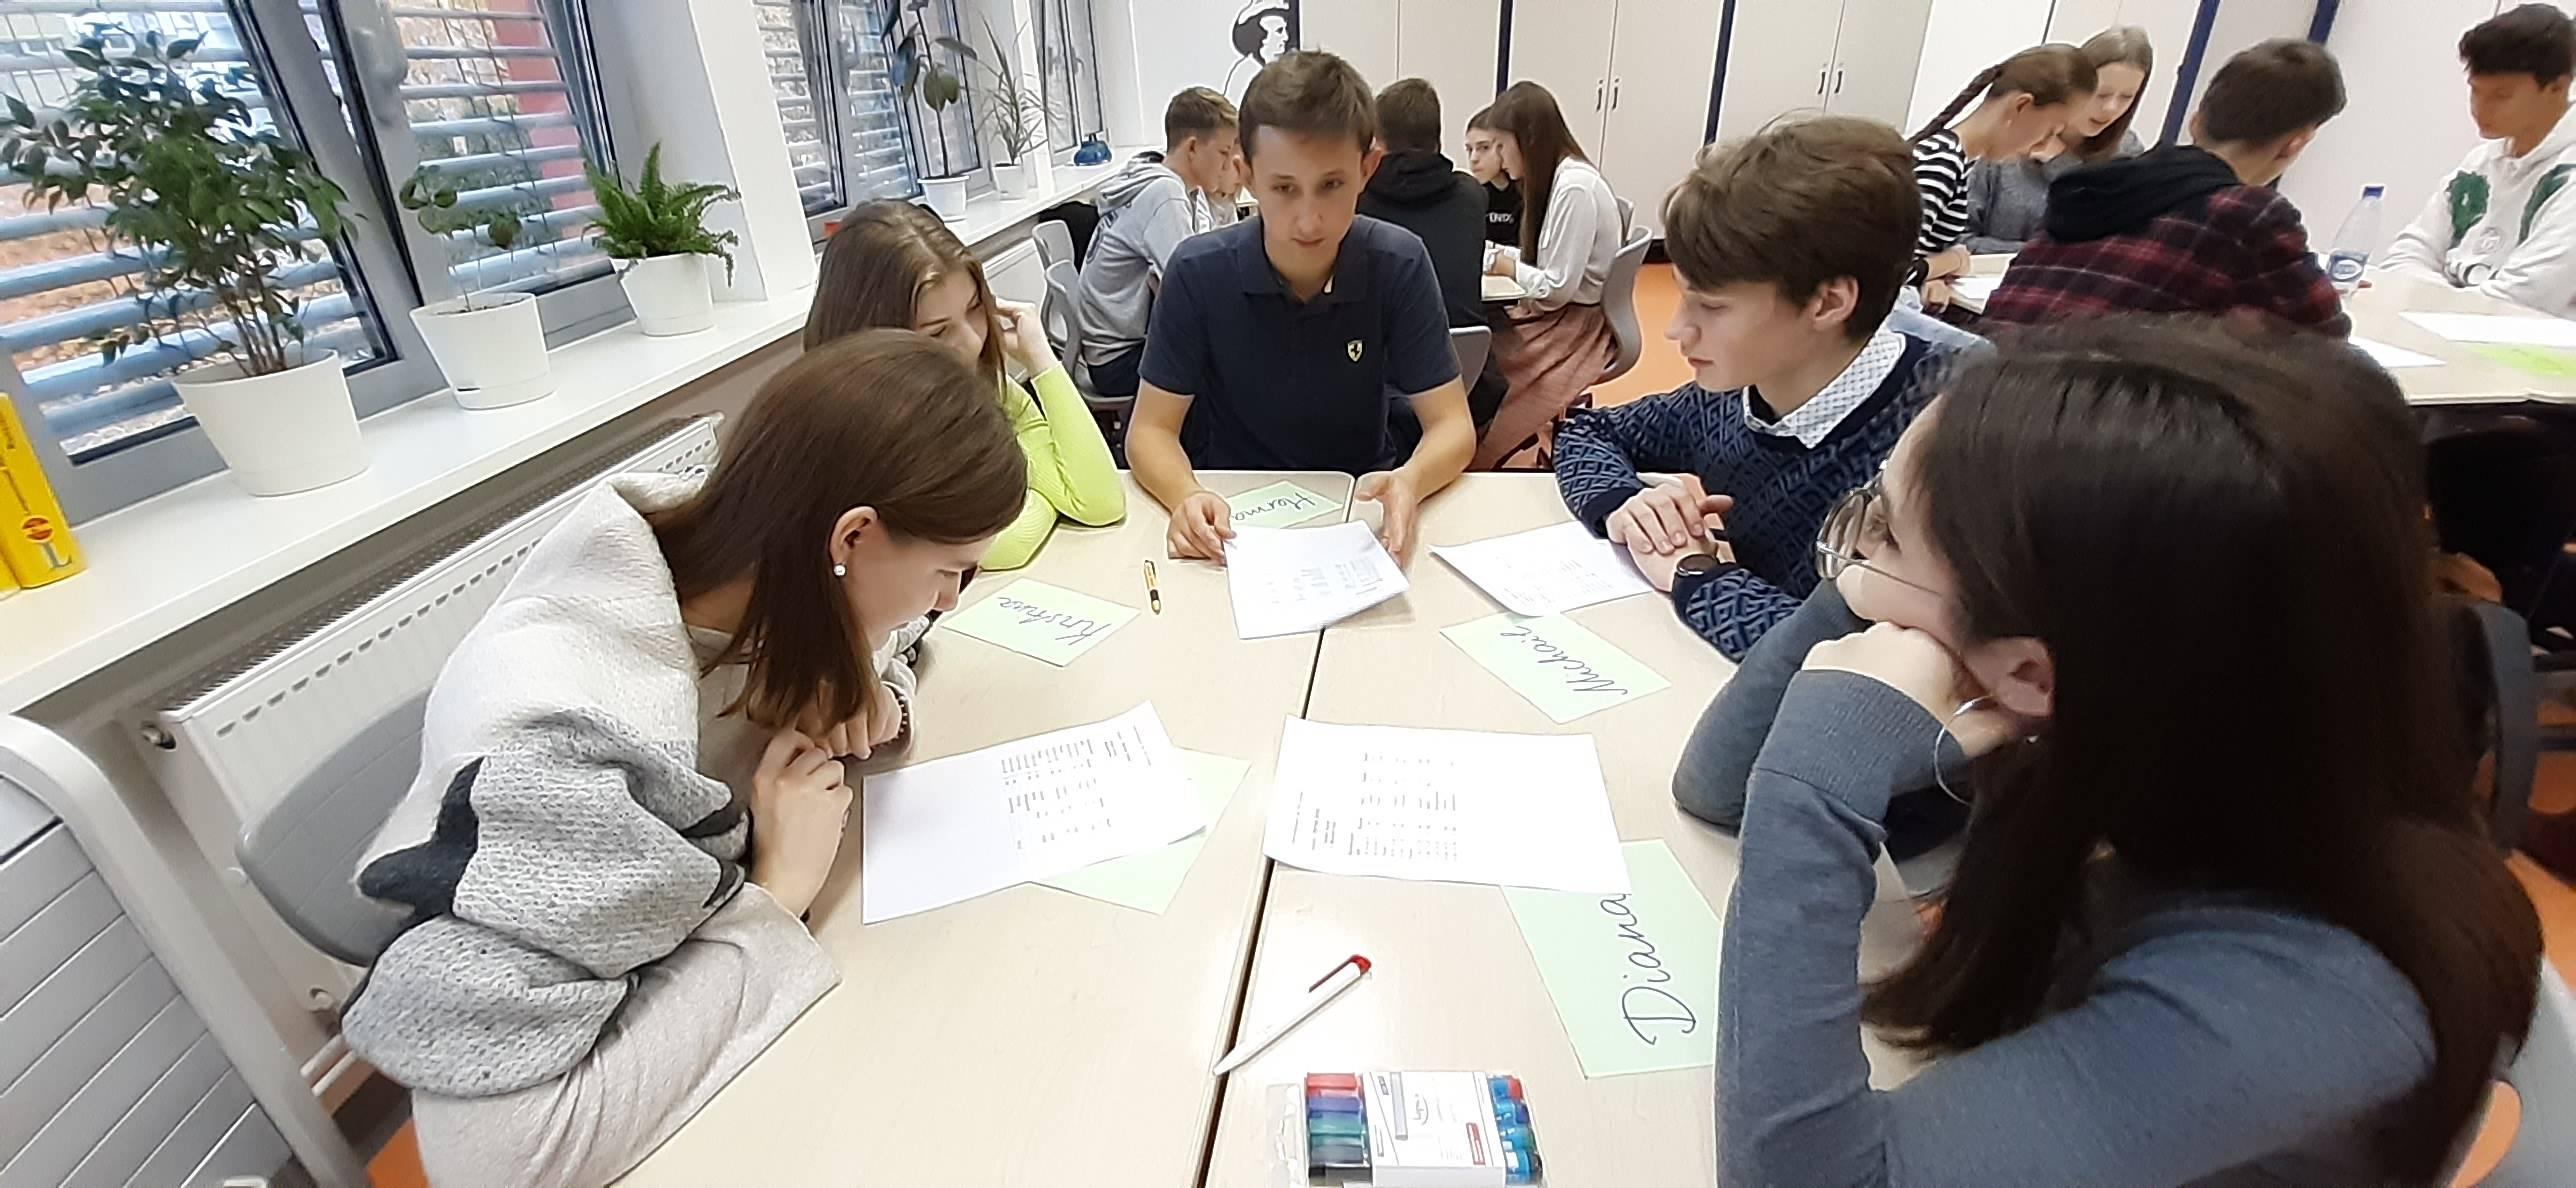 6 видов образования в германии: дошкольное, школа, университет, особенности